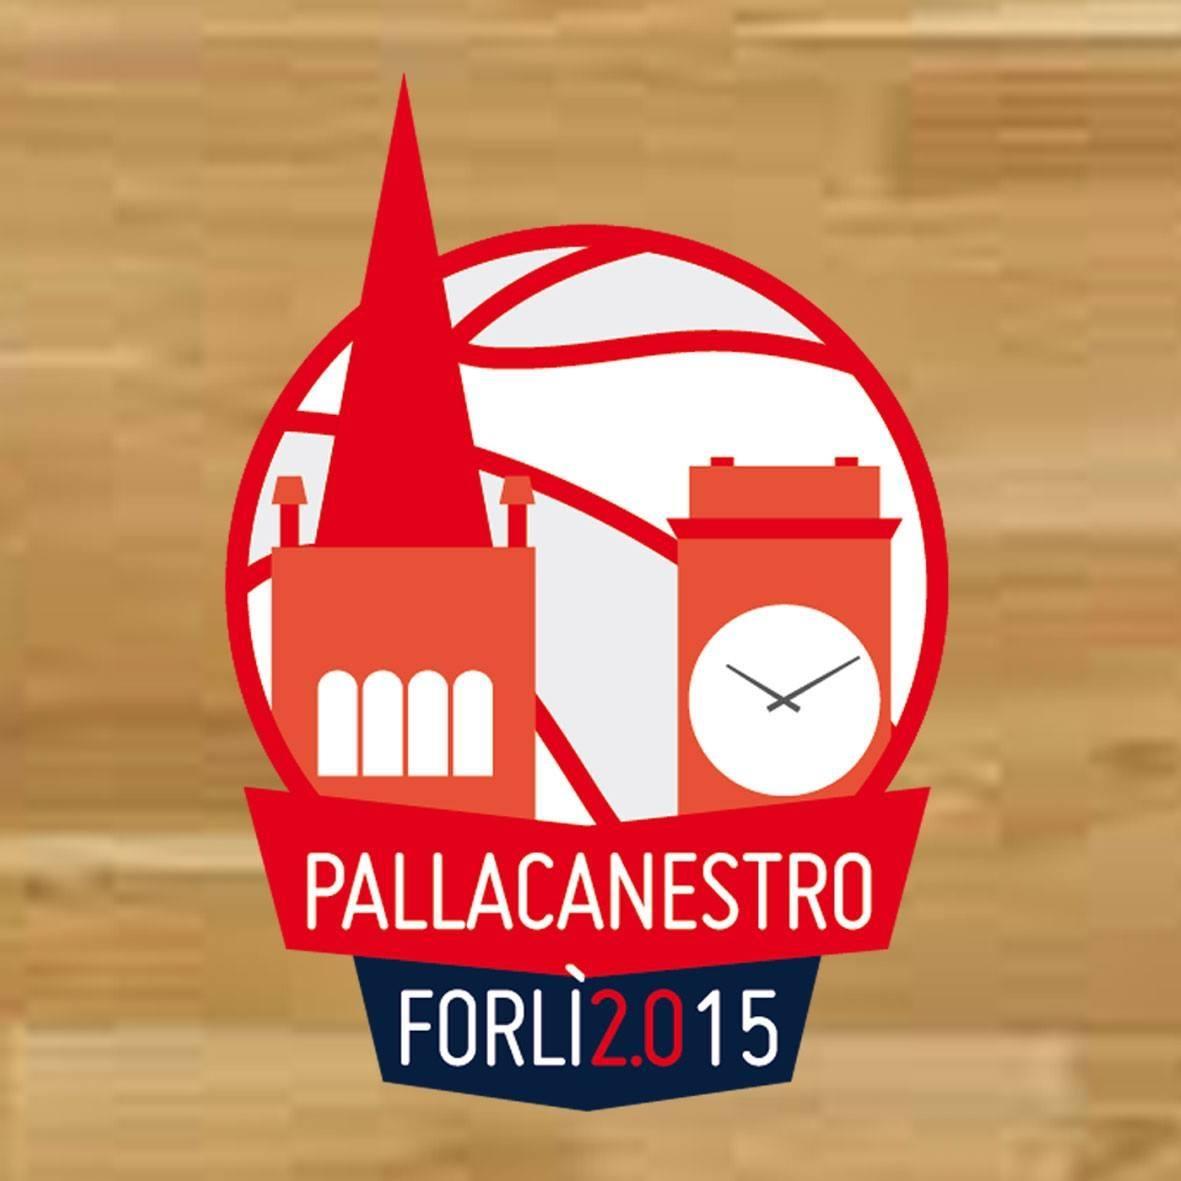 """Pallacanestro Forlì 2.015, il presidente Nicosanti: """"Chiediamo di spostare l'inizio del campionato"""""""